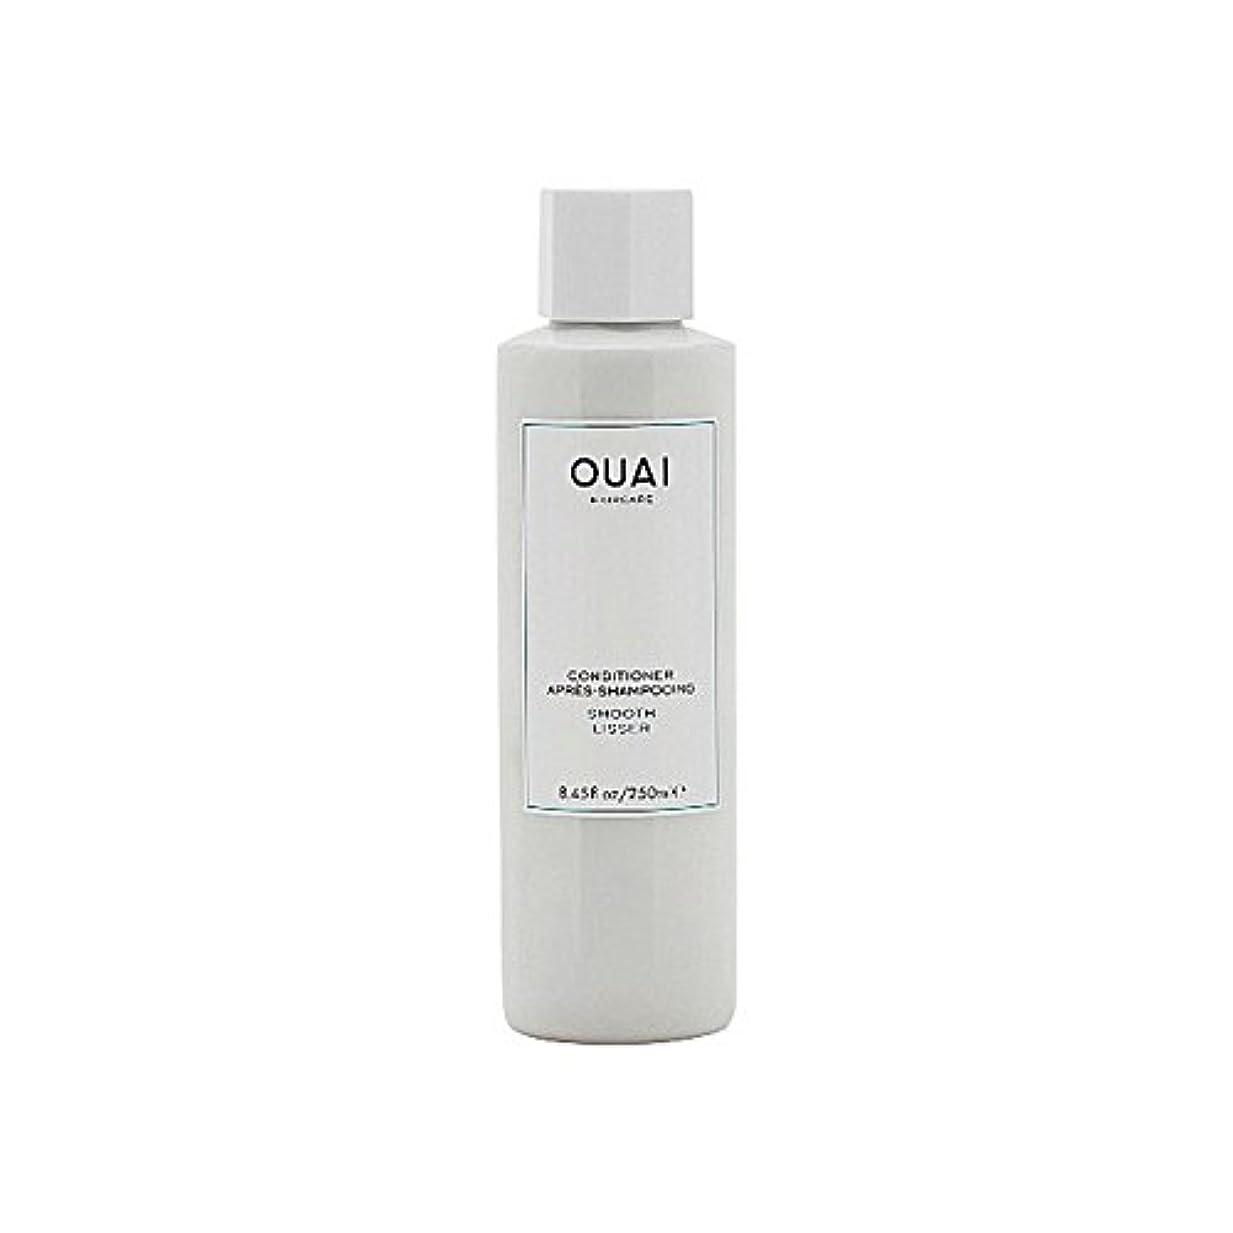 週末ばかげた化粧Ouai Smooth Conditioner 250ml - スムーズコンディショナー250 [並行輸入品]